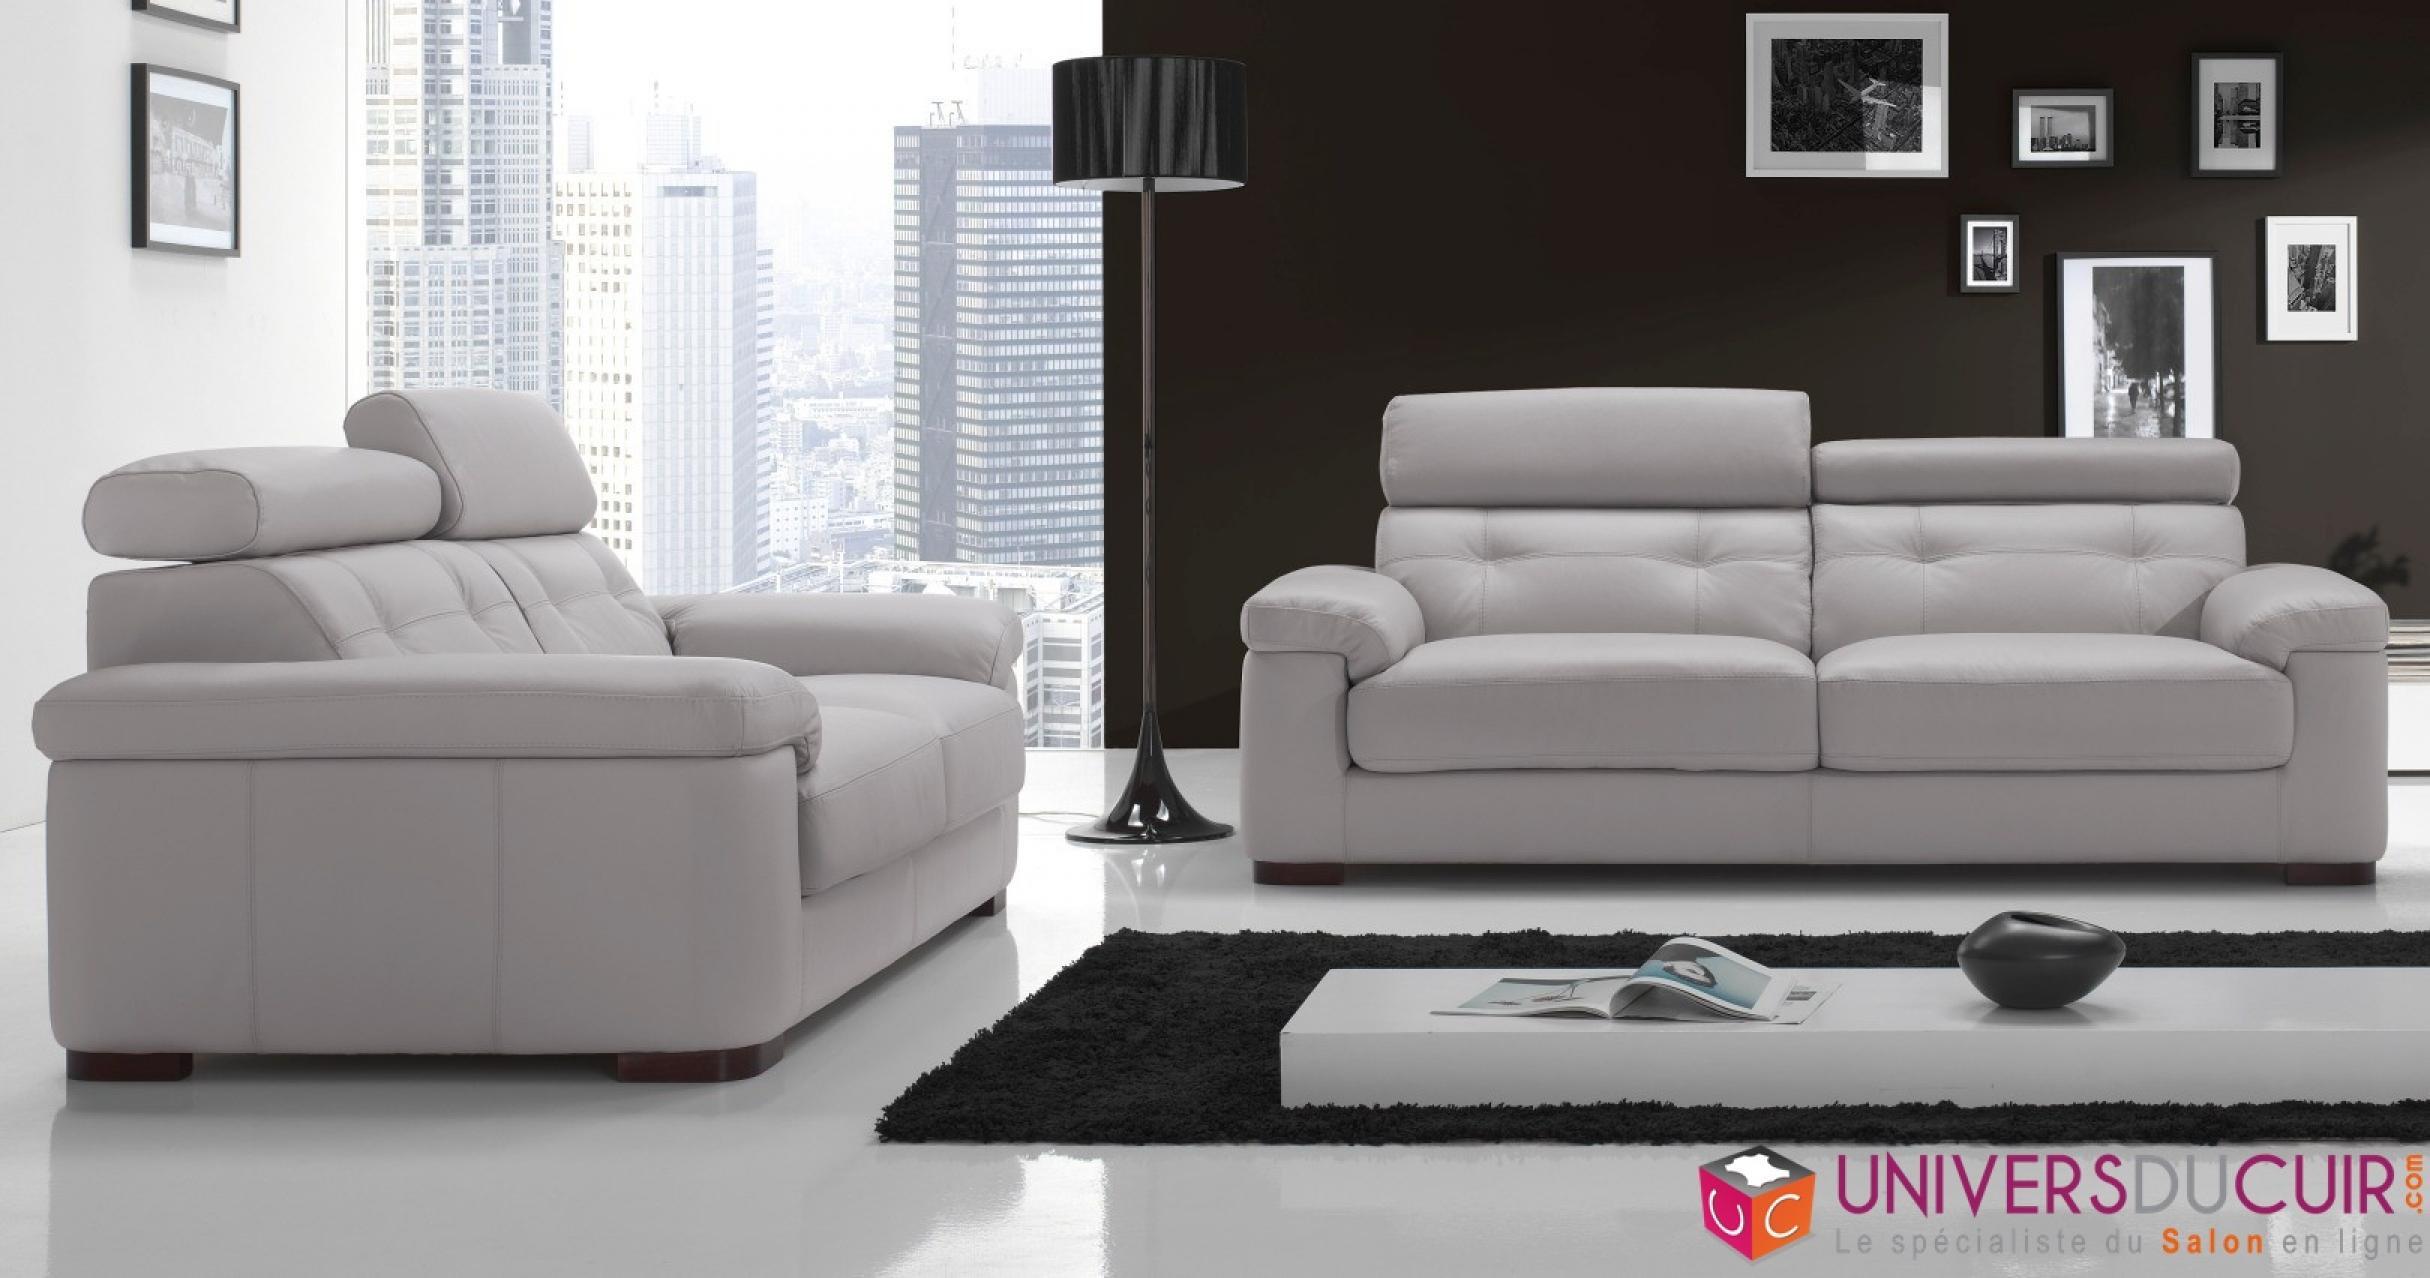 Canapé D Angle Alinea Beau Image Centralillaw Design De Maison